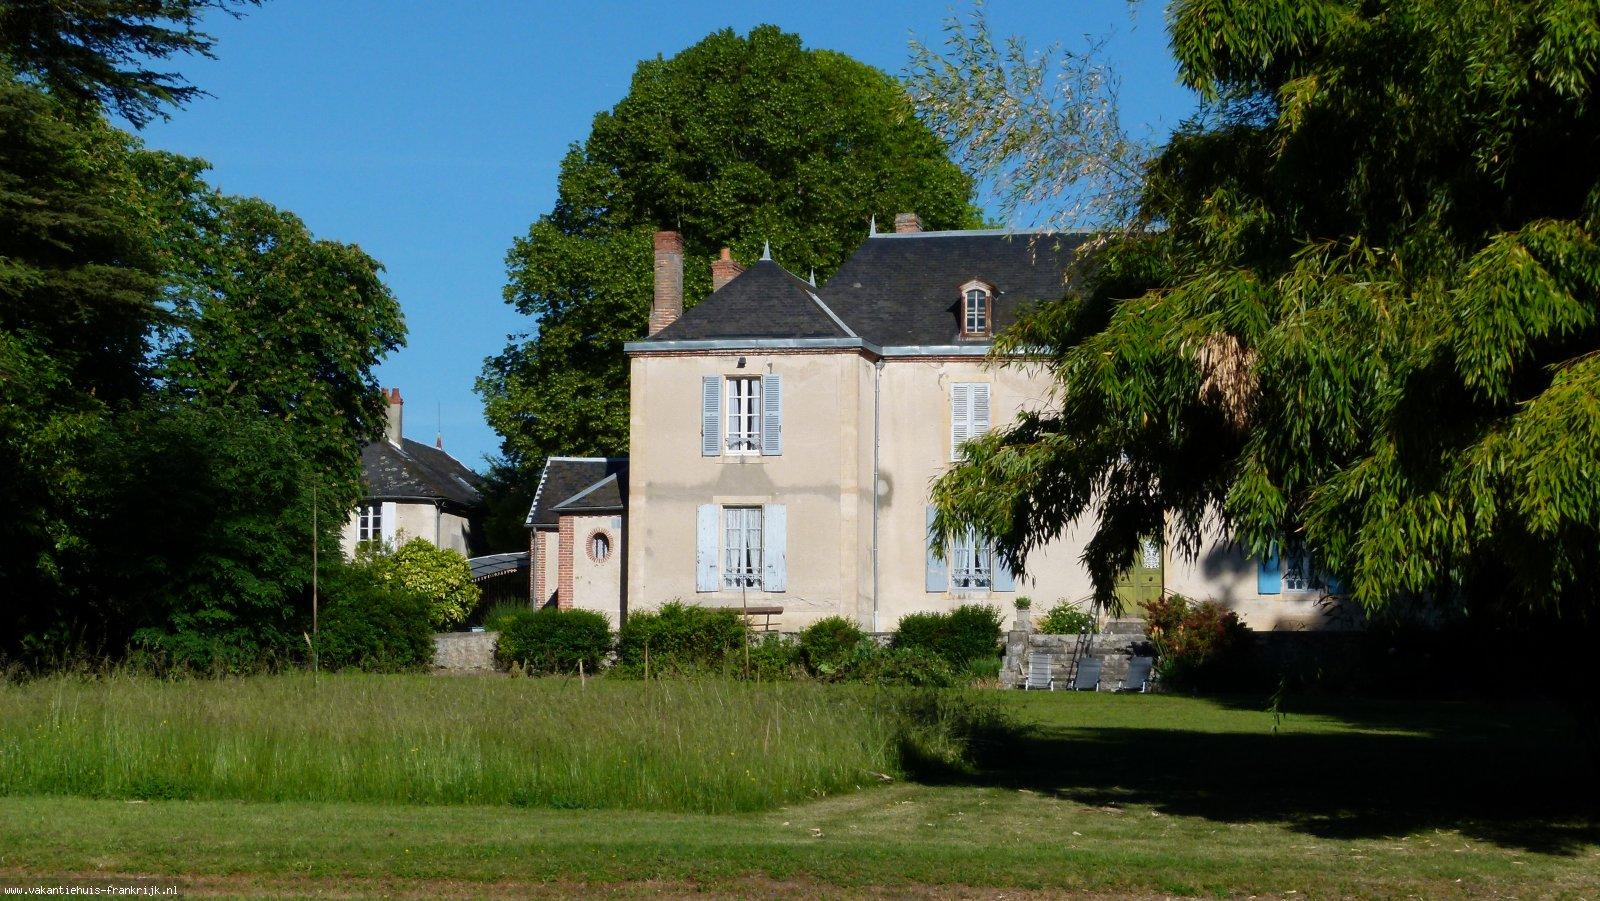 Vakantiehuis: Centraal gelegen woning, op een rustige locatie, voor een bijzondere ervaring, 6 persoons, met mogelijkheid tot bijzetten tentje. te huur voor uw vakantie in Allier (Frankrijk)